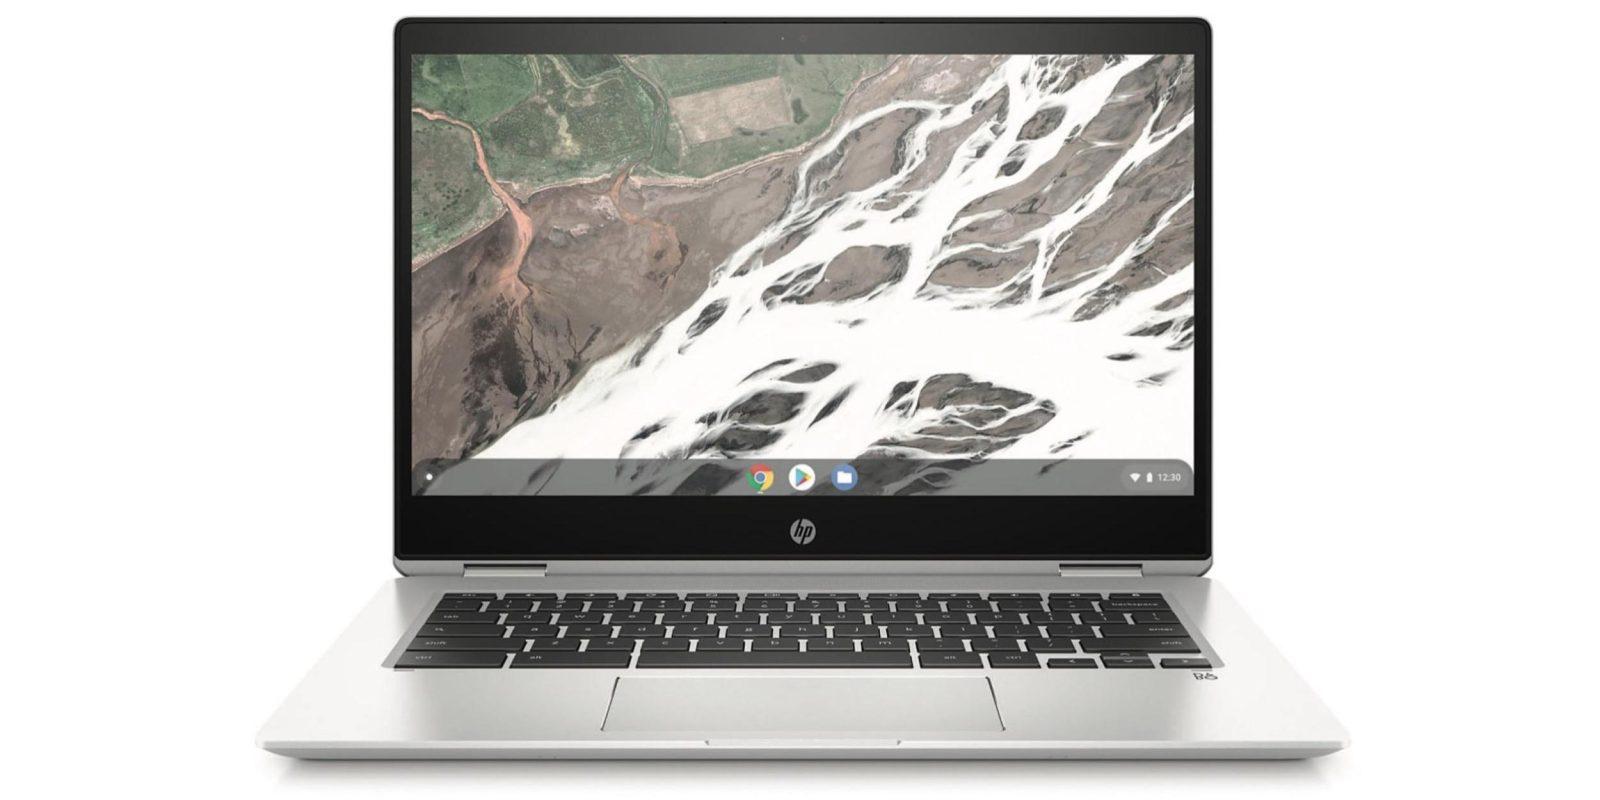 HP Chromebook x360 14 G1 is a premium Chrome OS 2-in-1